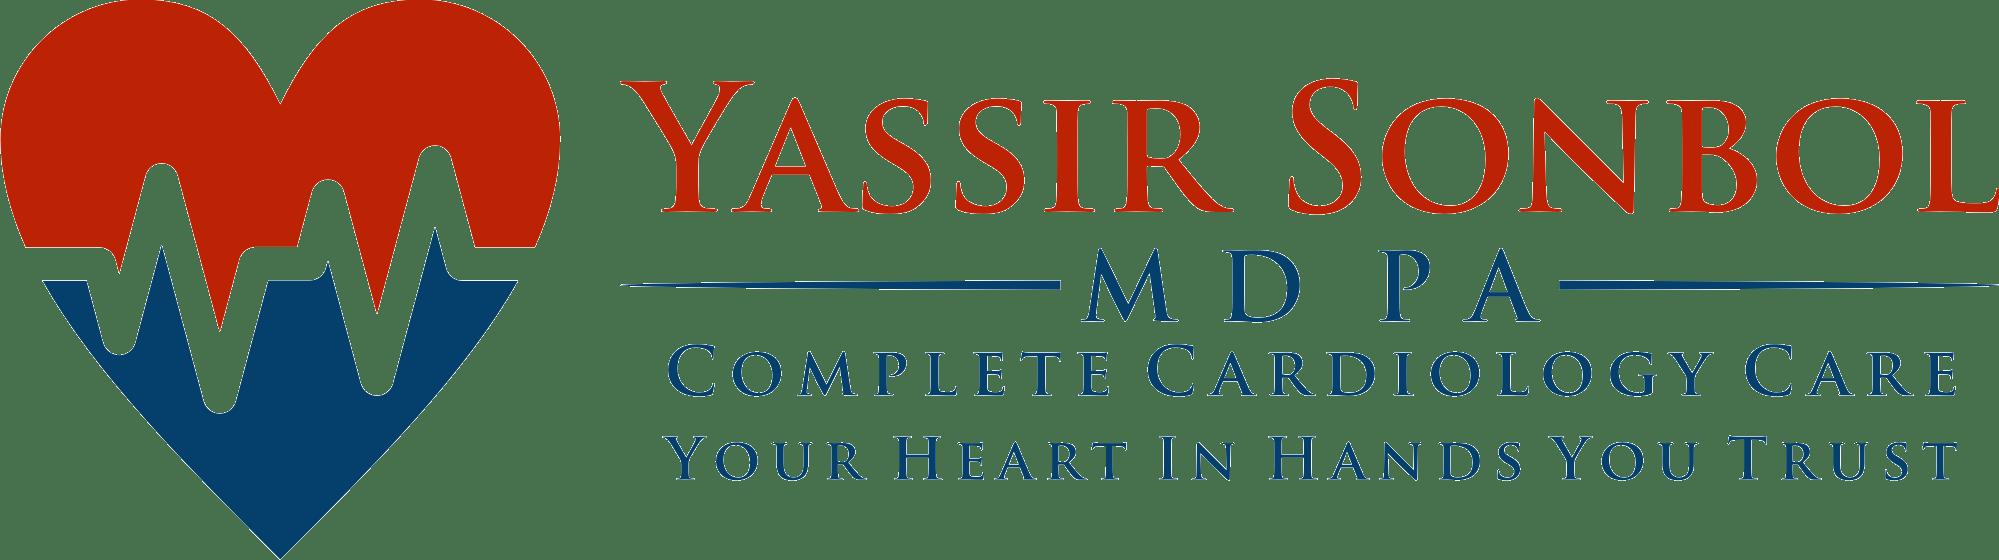 Yassir Sonbol MD PA Logo